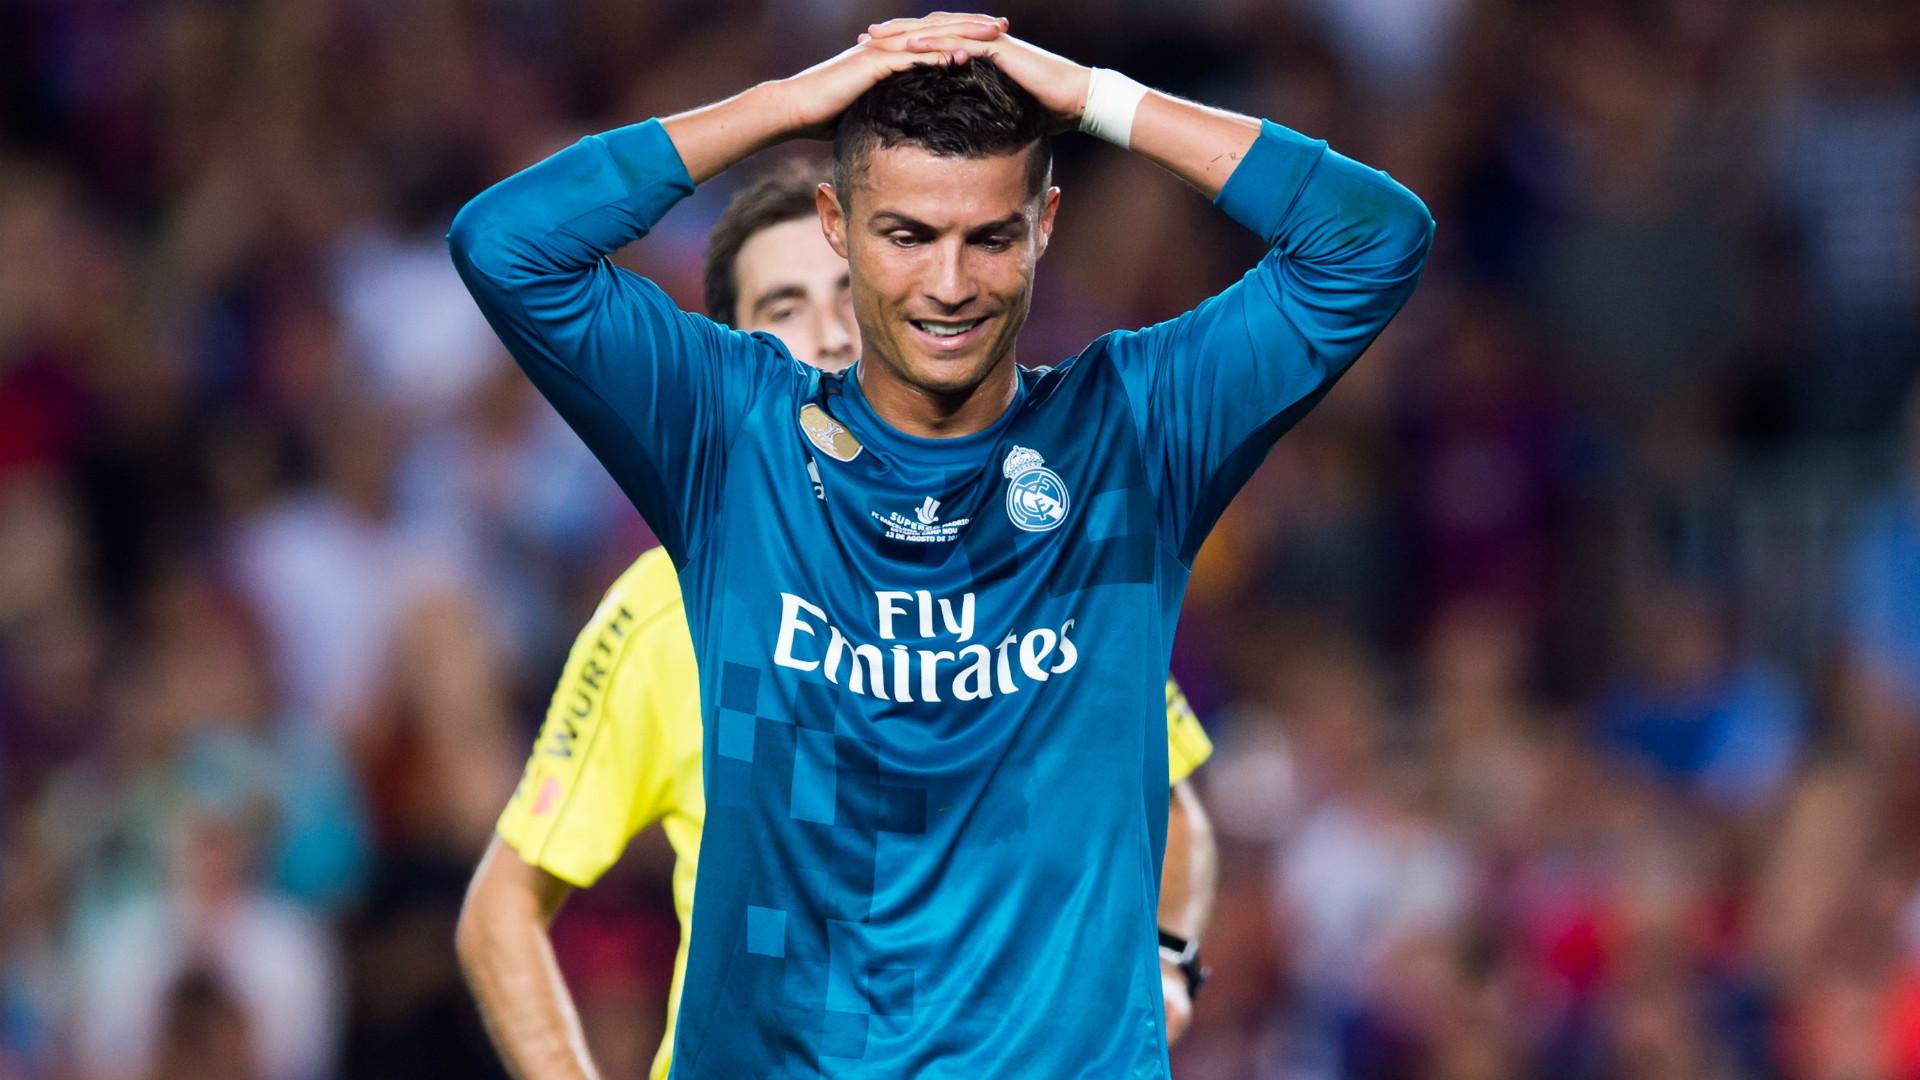 Se cumplen 15 años del debut de Cristiano Ronaldo